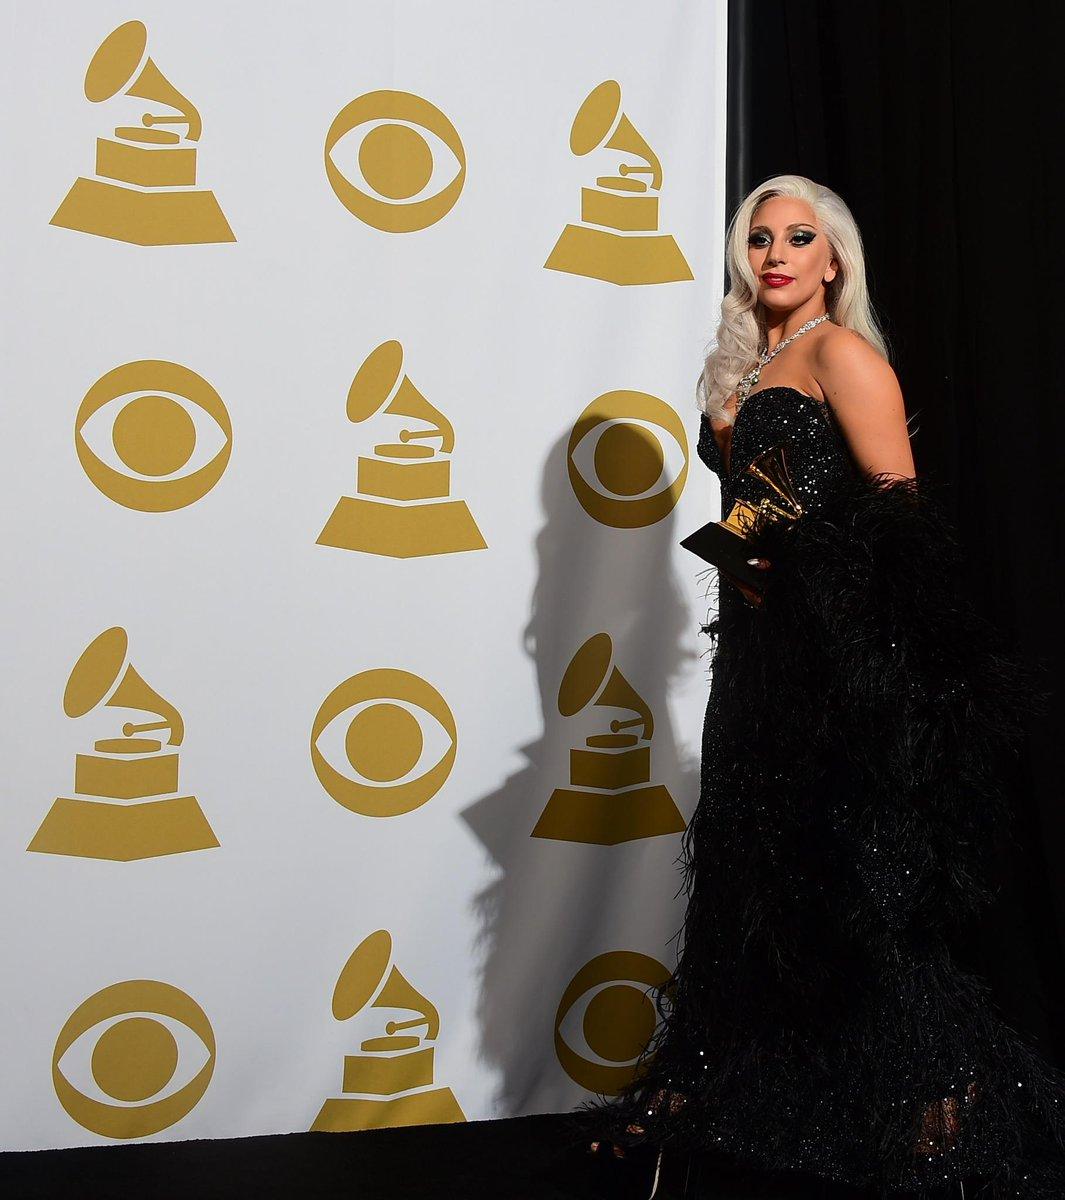 Grammy Awards 2015 [08/02/15] >> 1 premio + actuación B9X0Y3sIQAEXYpJ